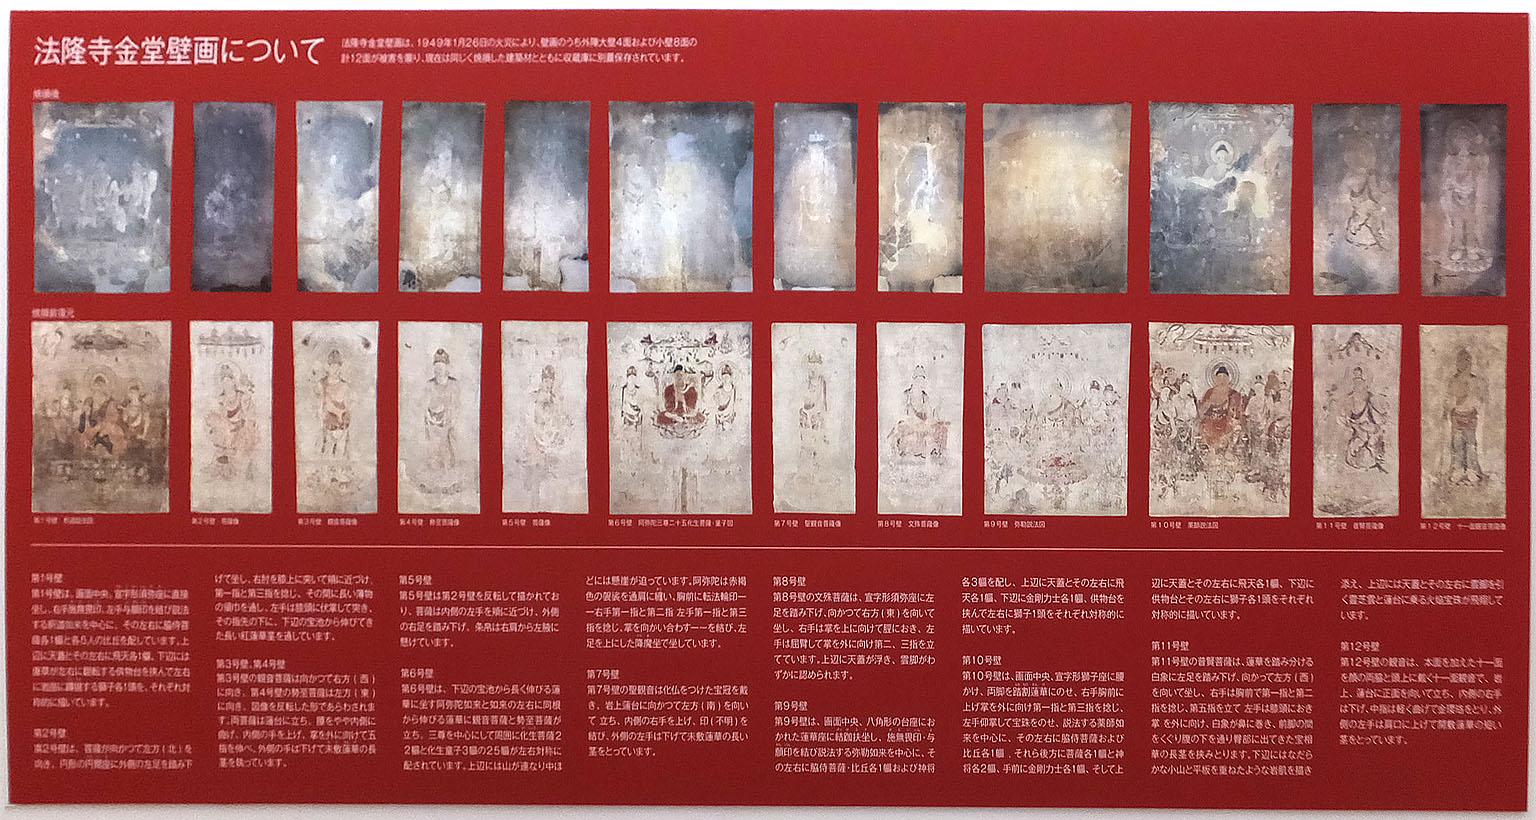 DSCF9017-20140622.jpg